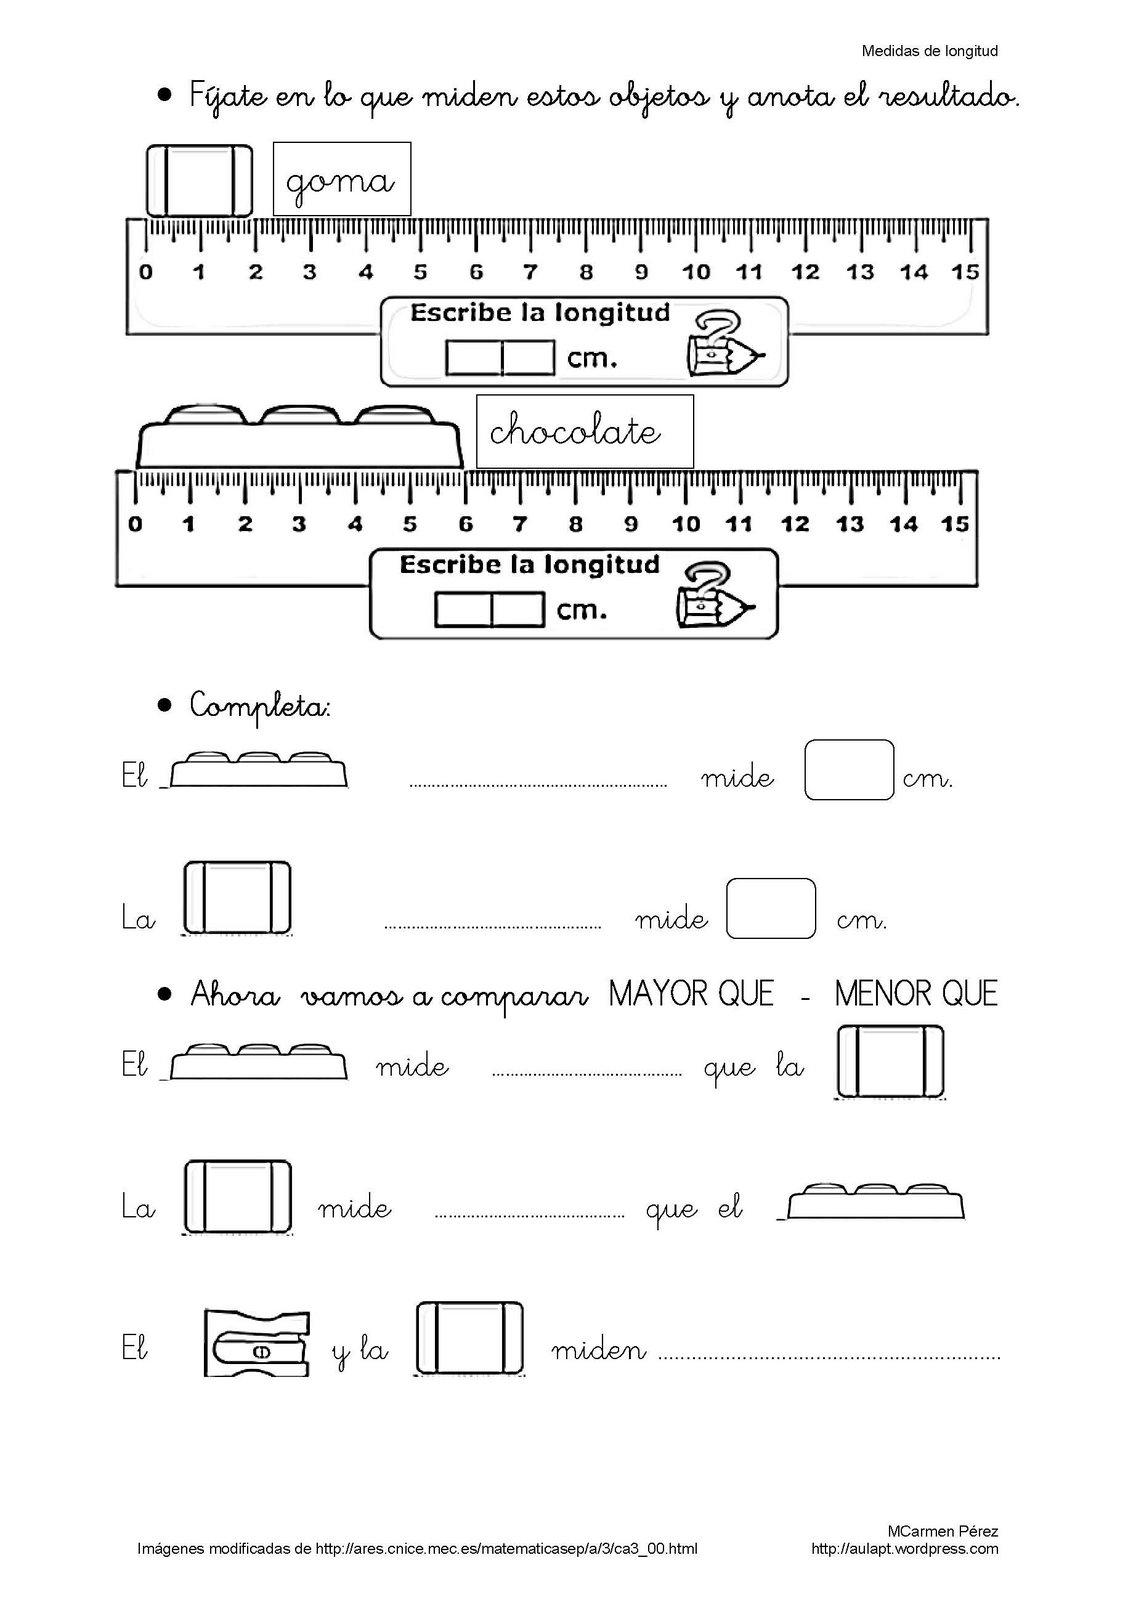 Apoyo escolar ing maschwitzt contacto telef 011 15 for Medidas antropometricas pdf